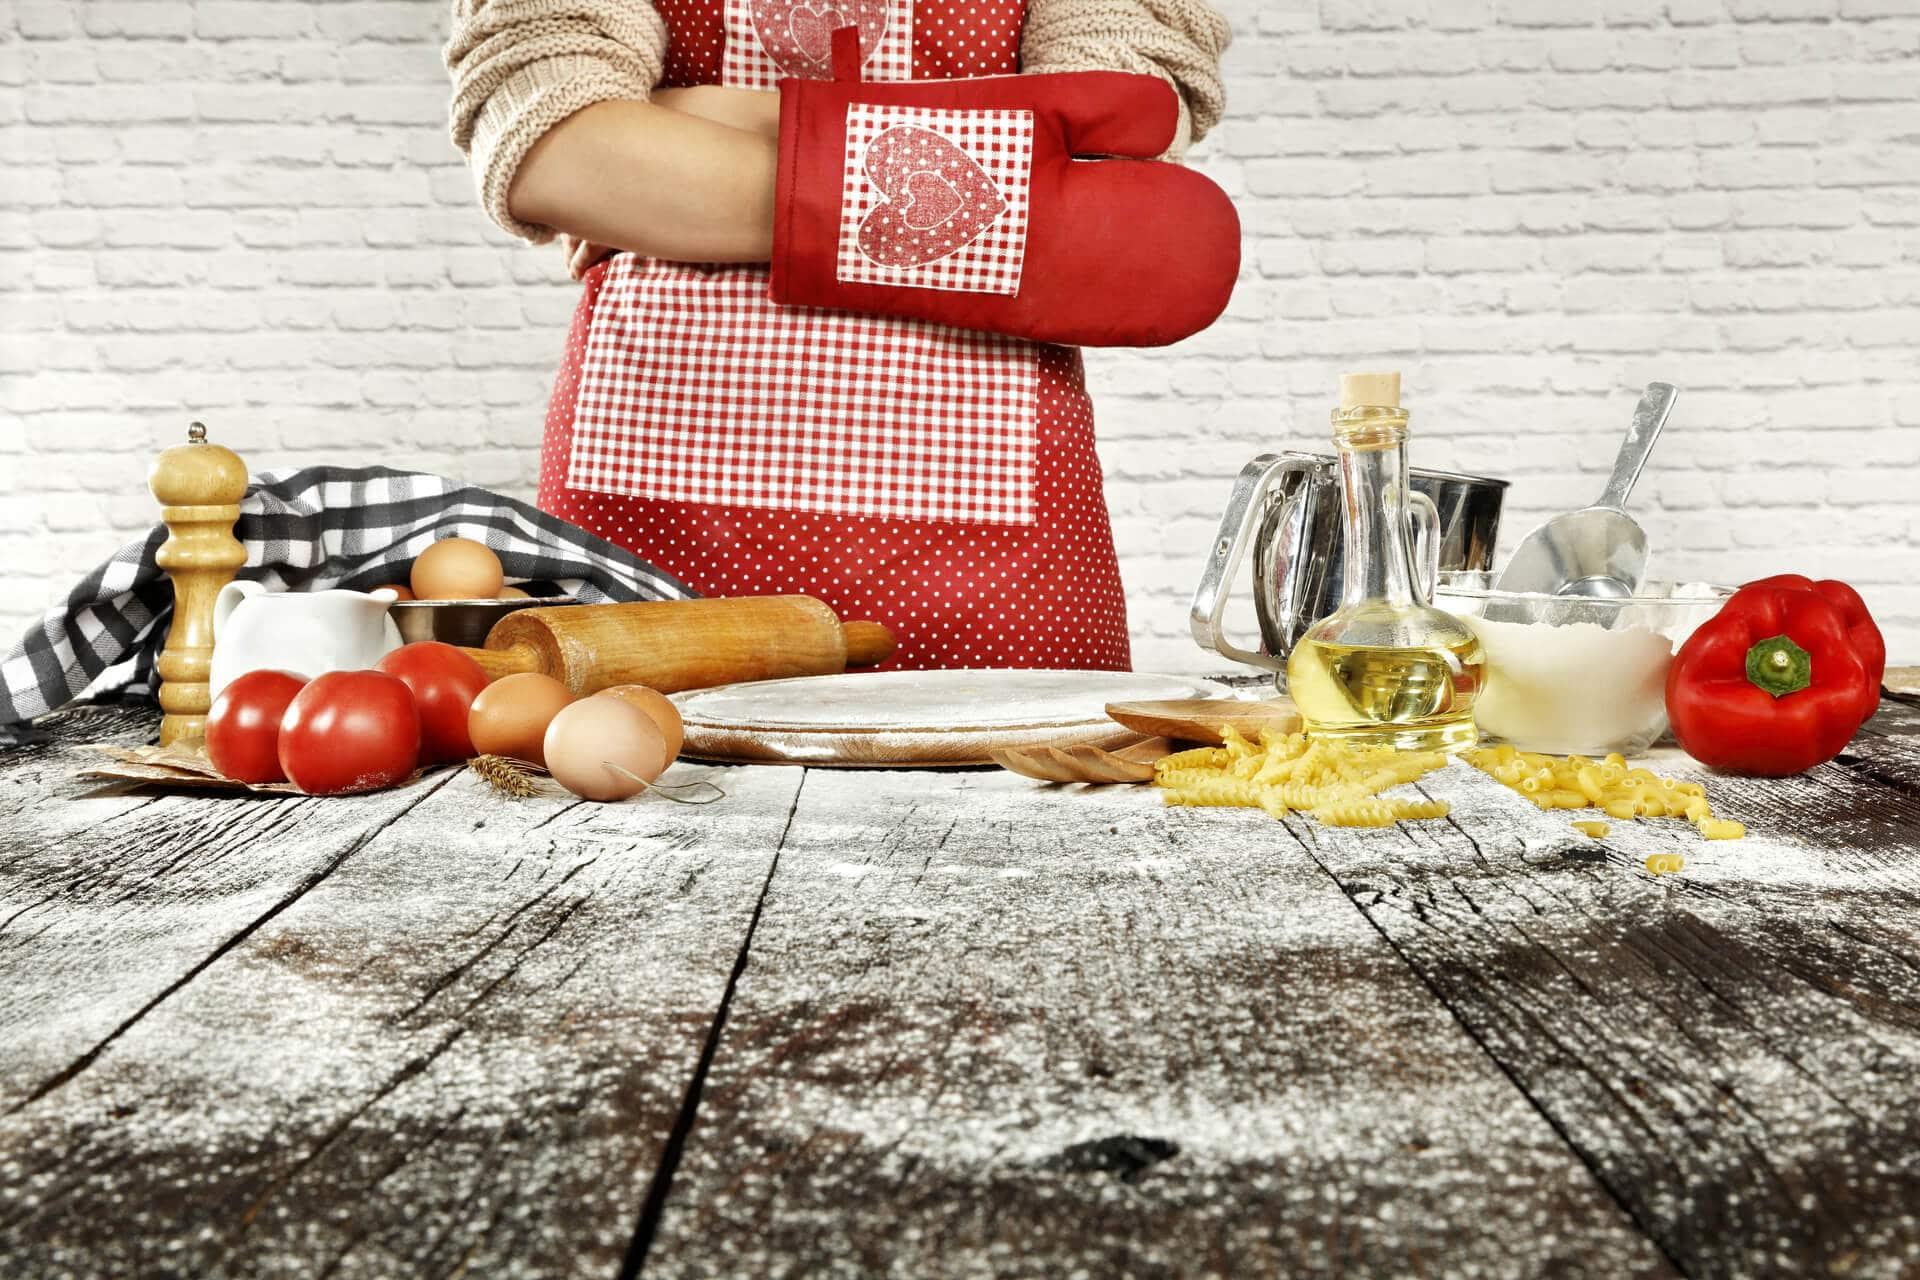 Impresa Alimentare Domestica l'impresa tra i fornelli di casa